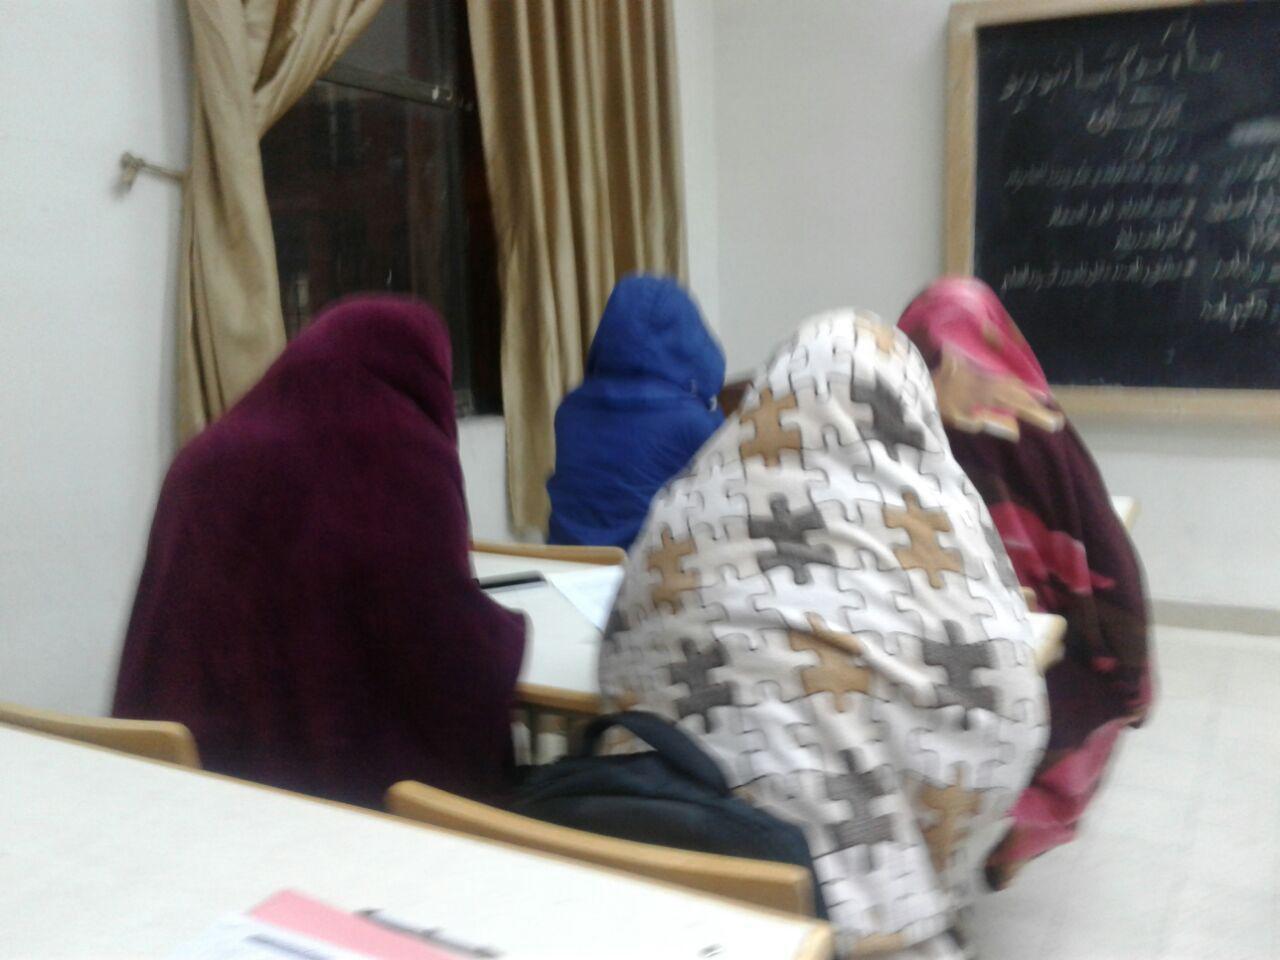 مشکل سرمای برخی اتاق های خوابگاهی دانشگاهی/ دانشجویانی که با نایلون و درزگیر گرم می شوند